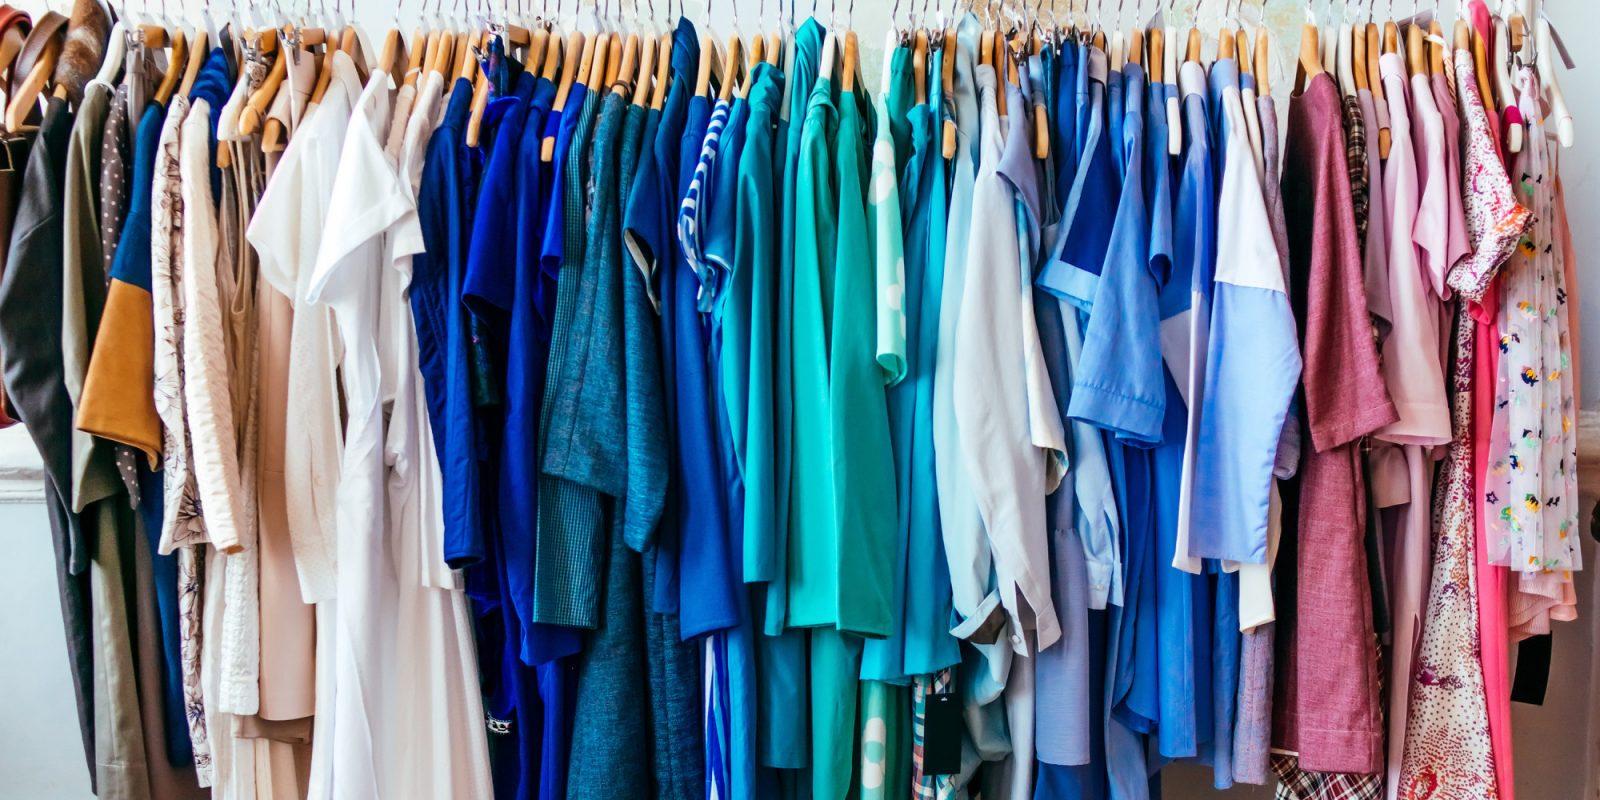 Đôi khi quần áo cũng là một trong những nguyên nhân gây mụn lưng